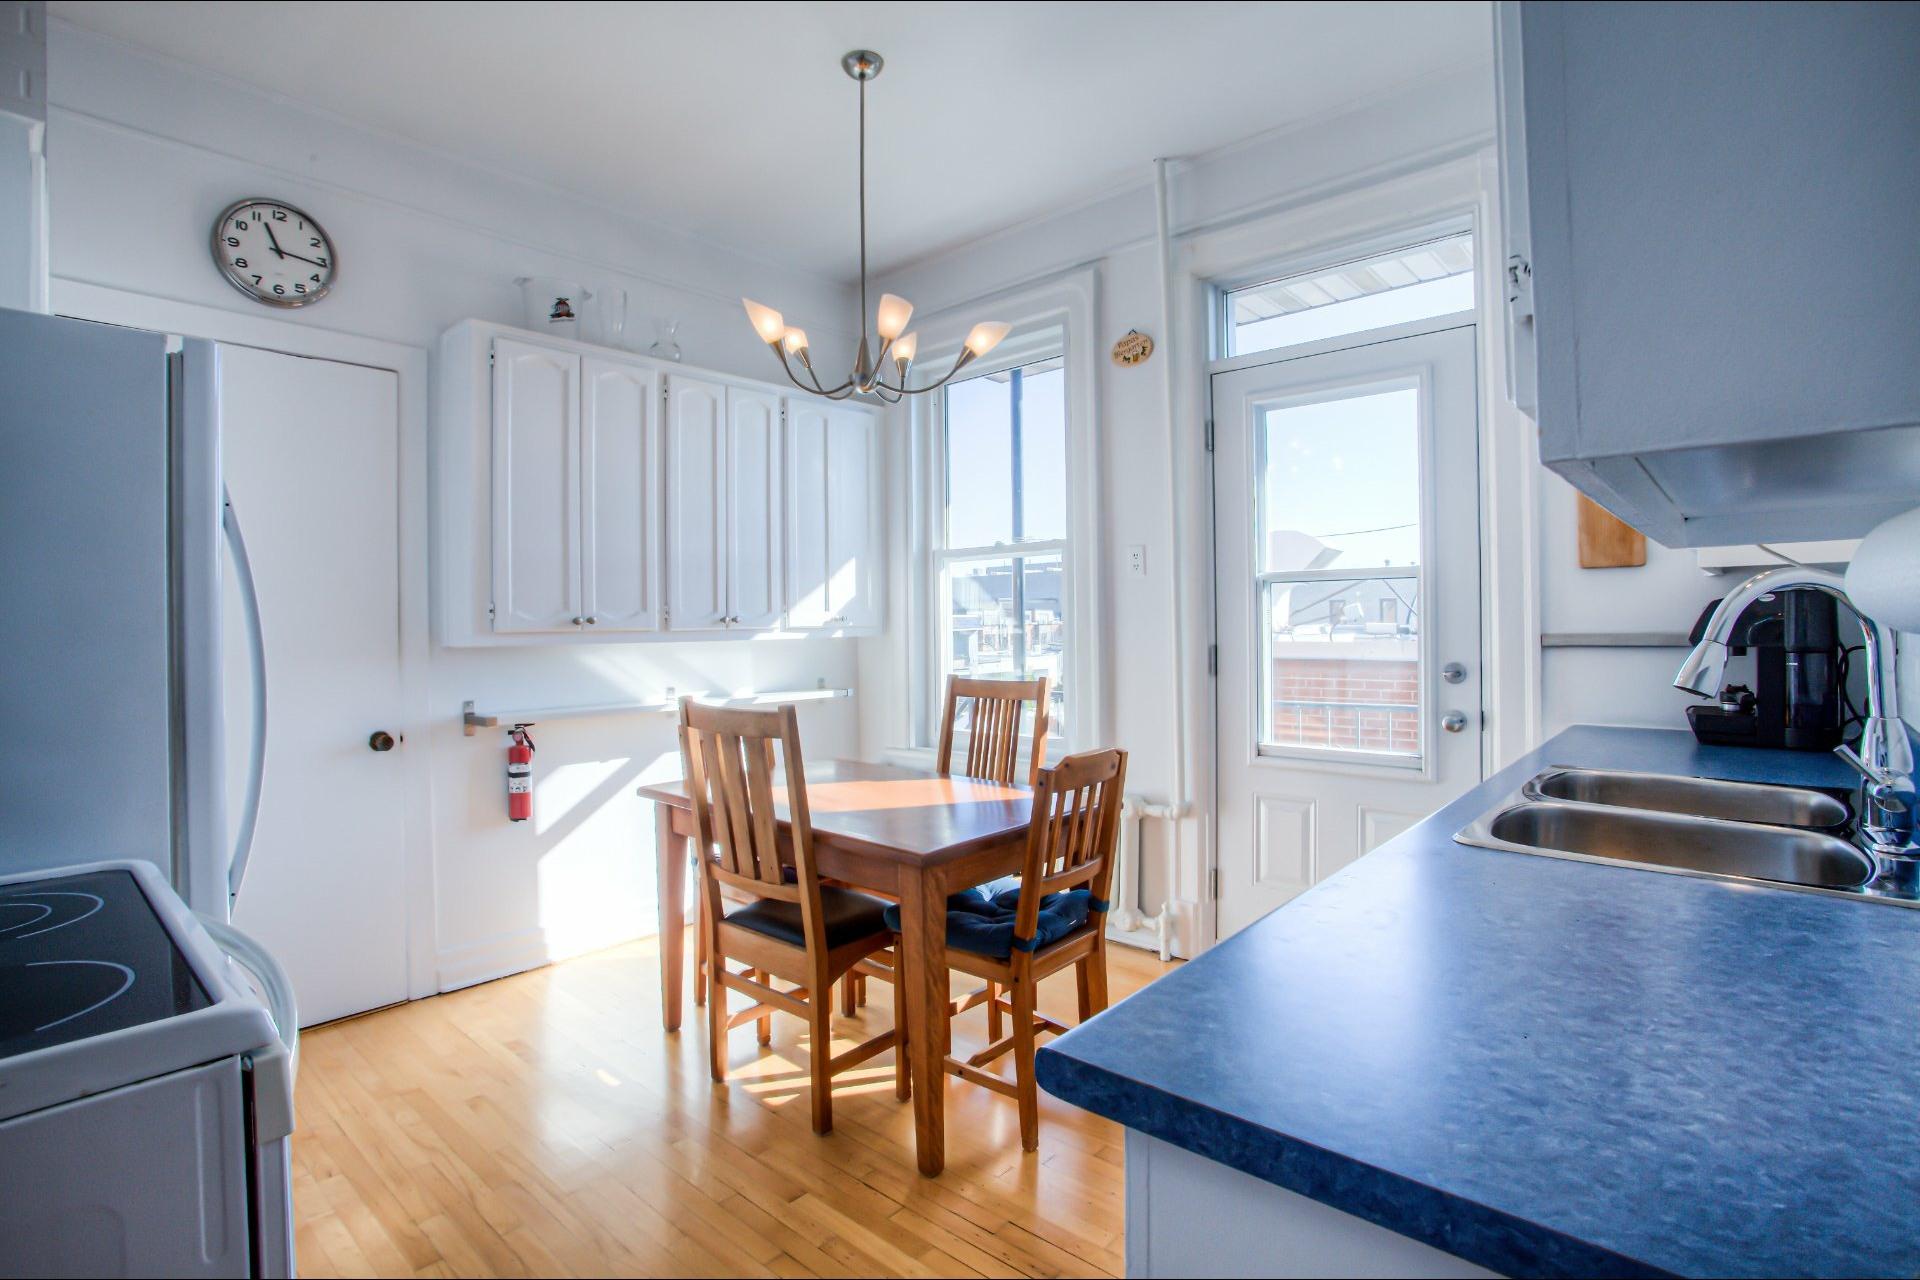 image 16 - Appartement À vendre Rosemont/La Petite-Patrie Montréal  - 8 pièces